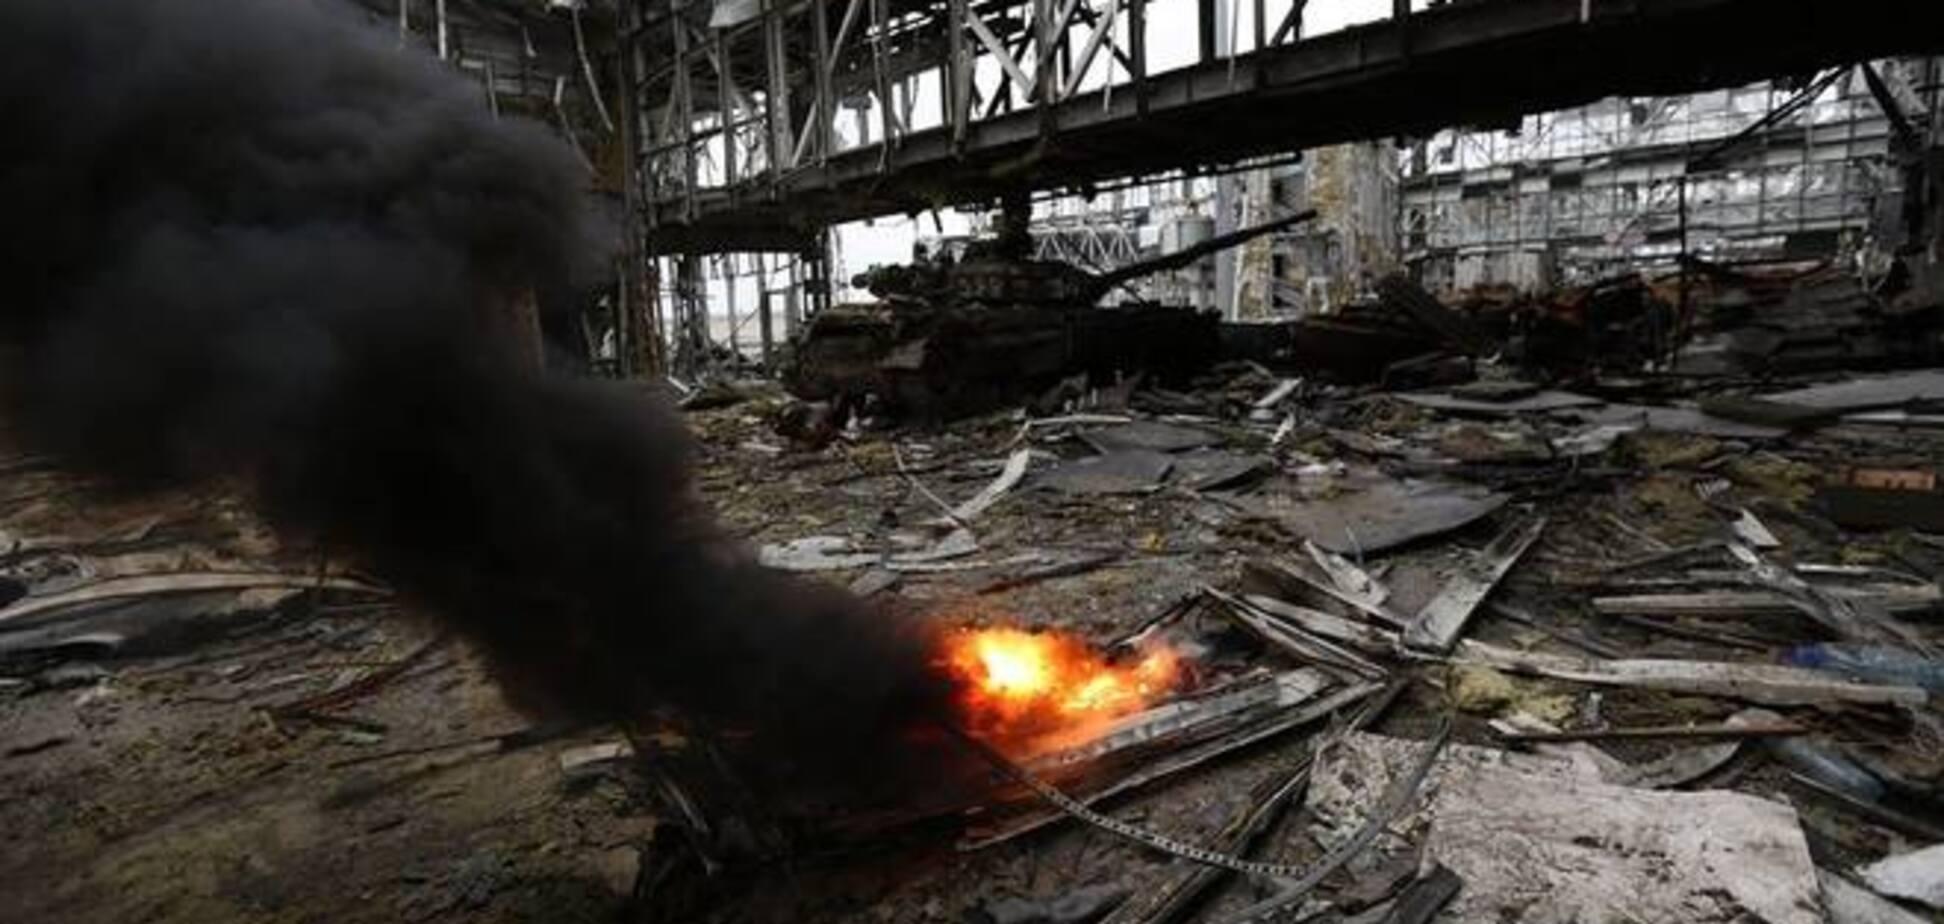 В донецком аэропорту нашли живого 'киборга': боец провел под завалами 8 дней